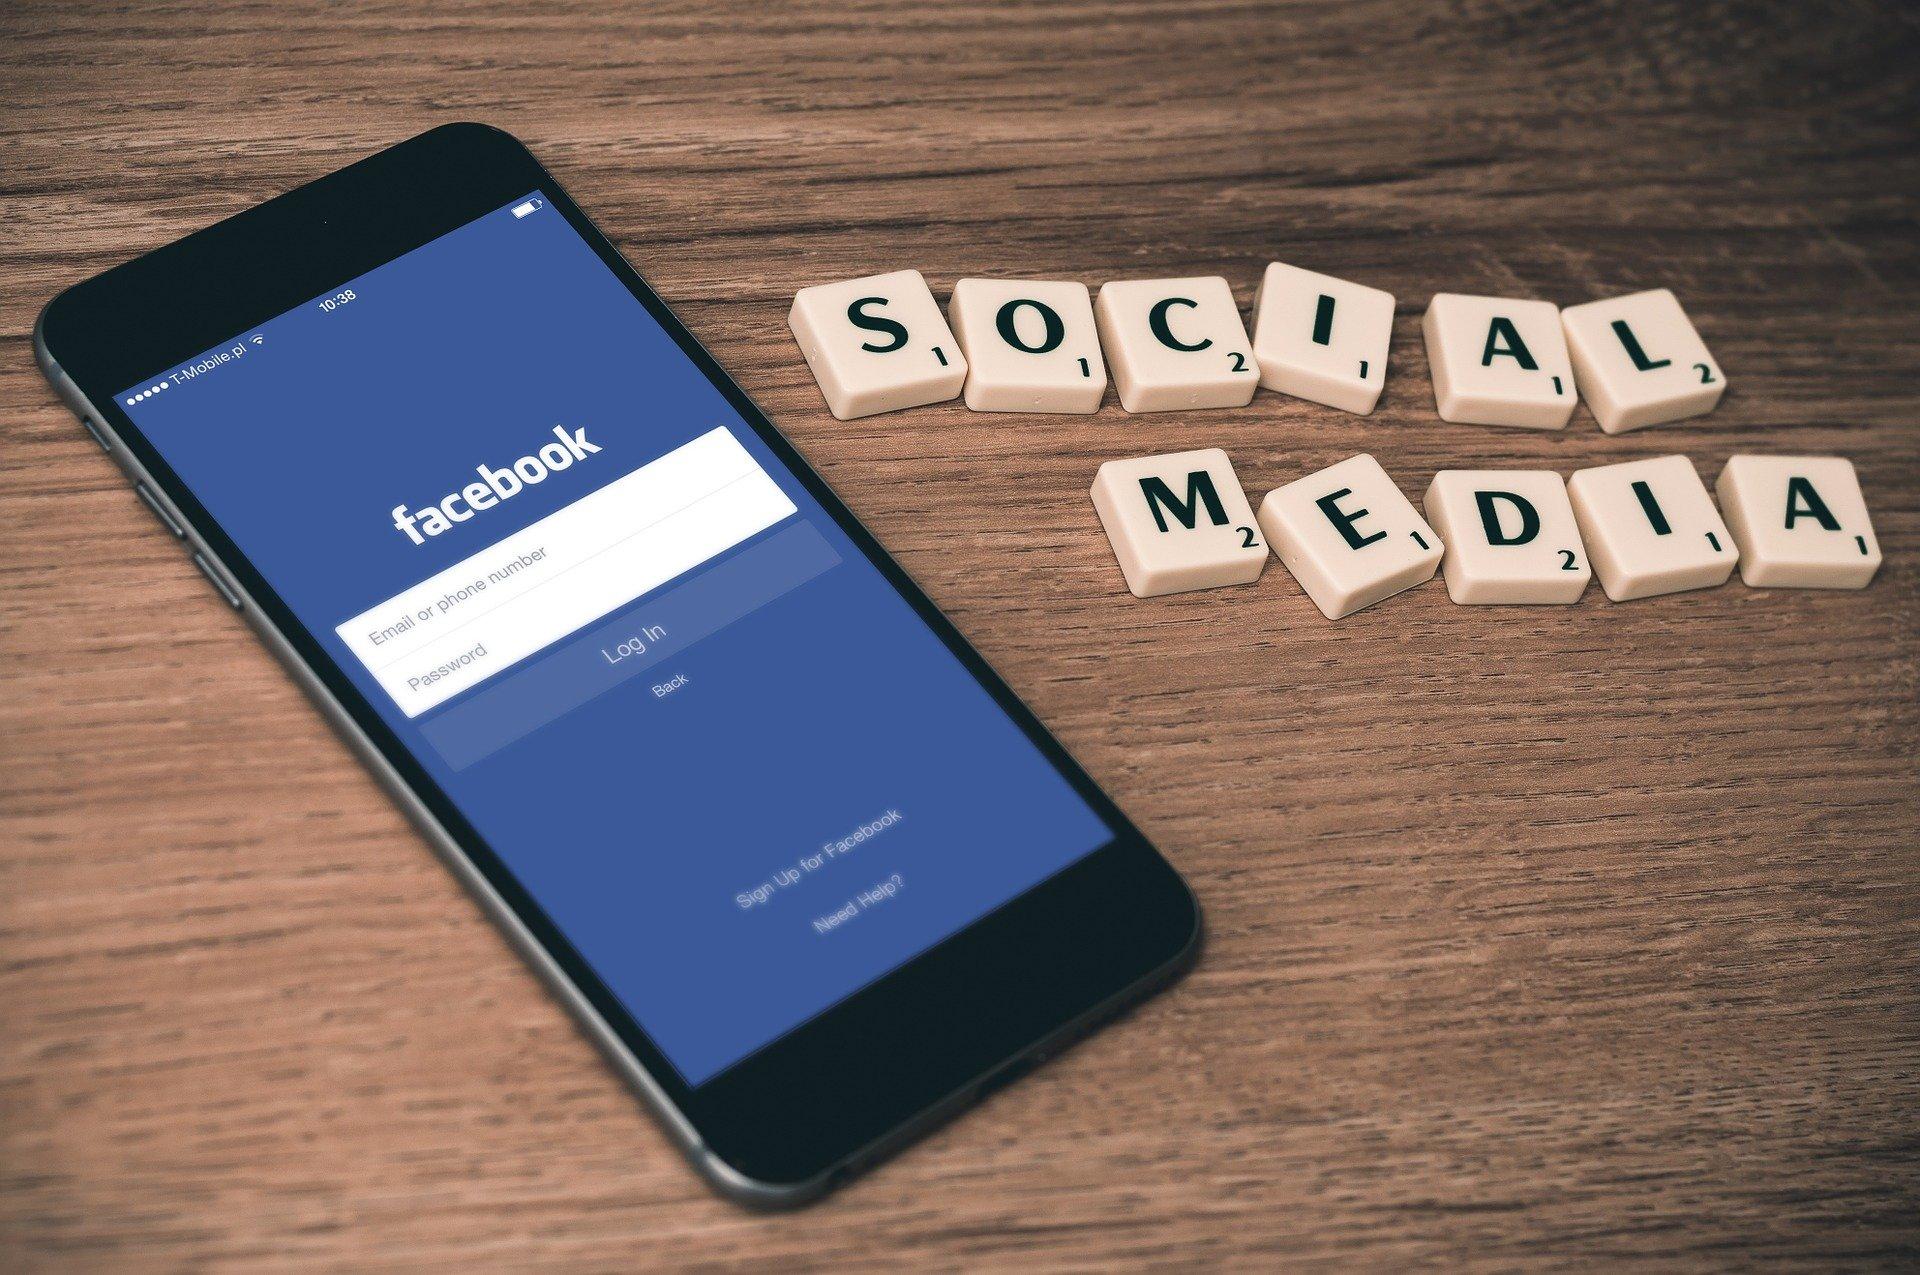 Sociálne médiá si môžu pekne pohrávať s našou mysľou